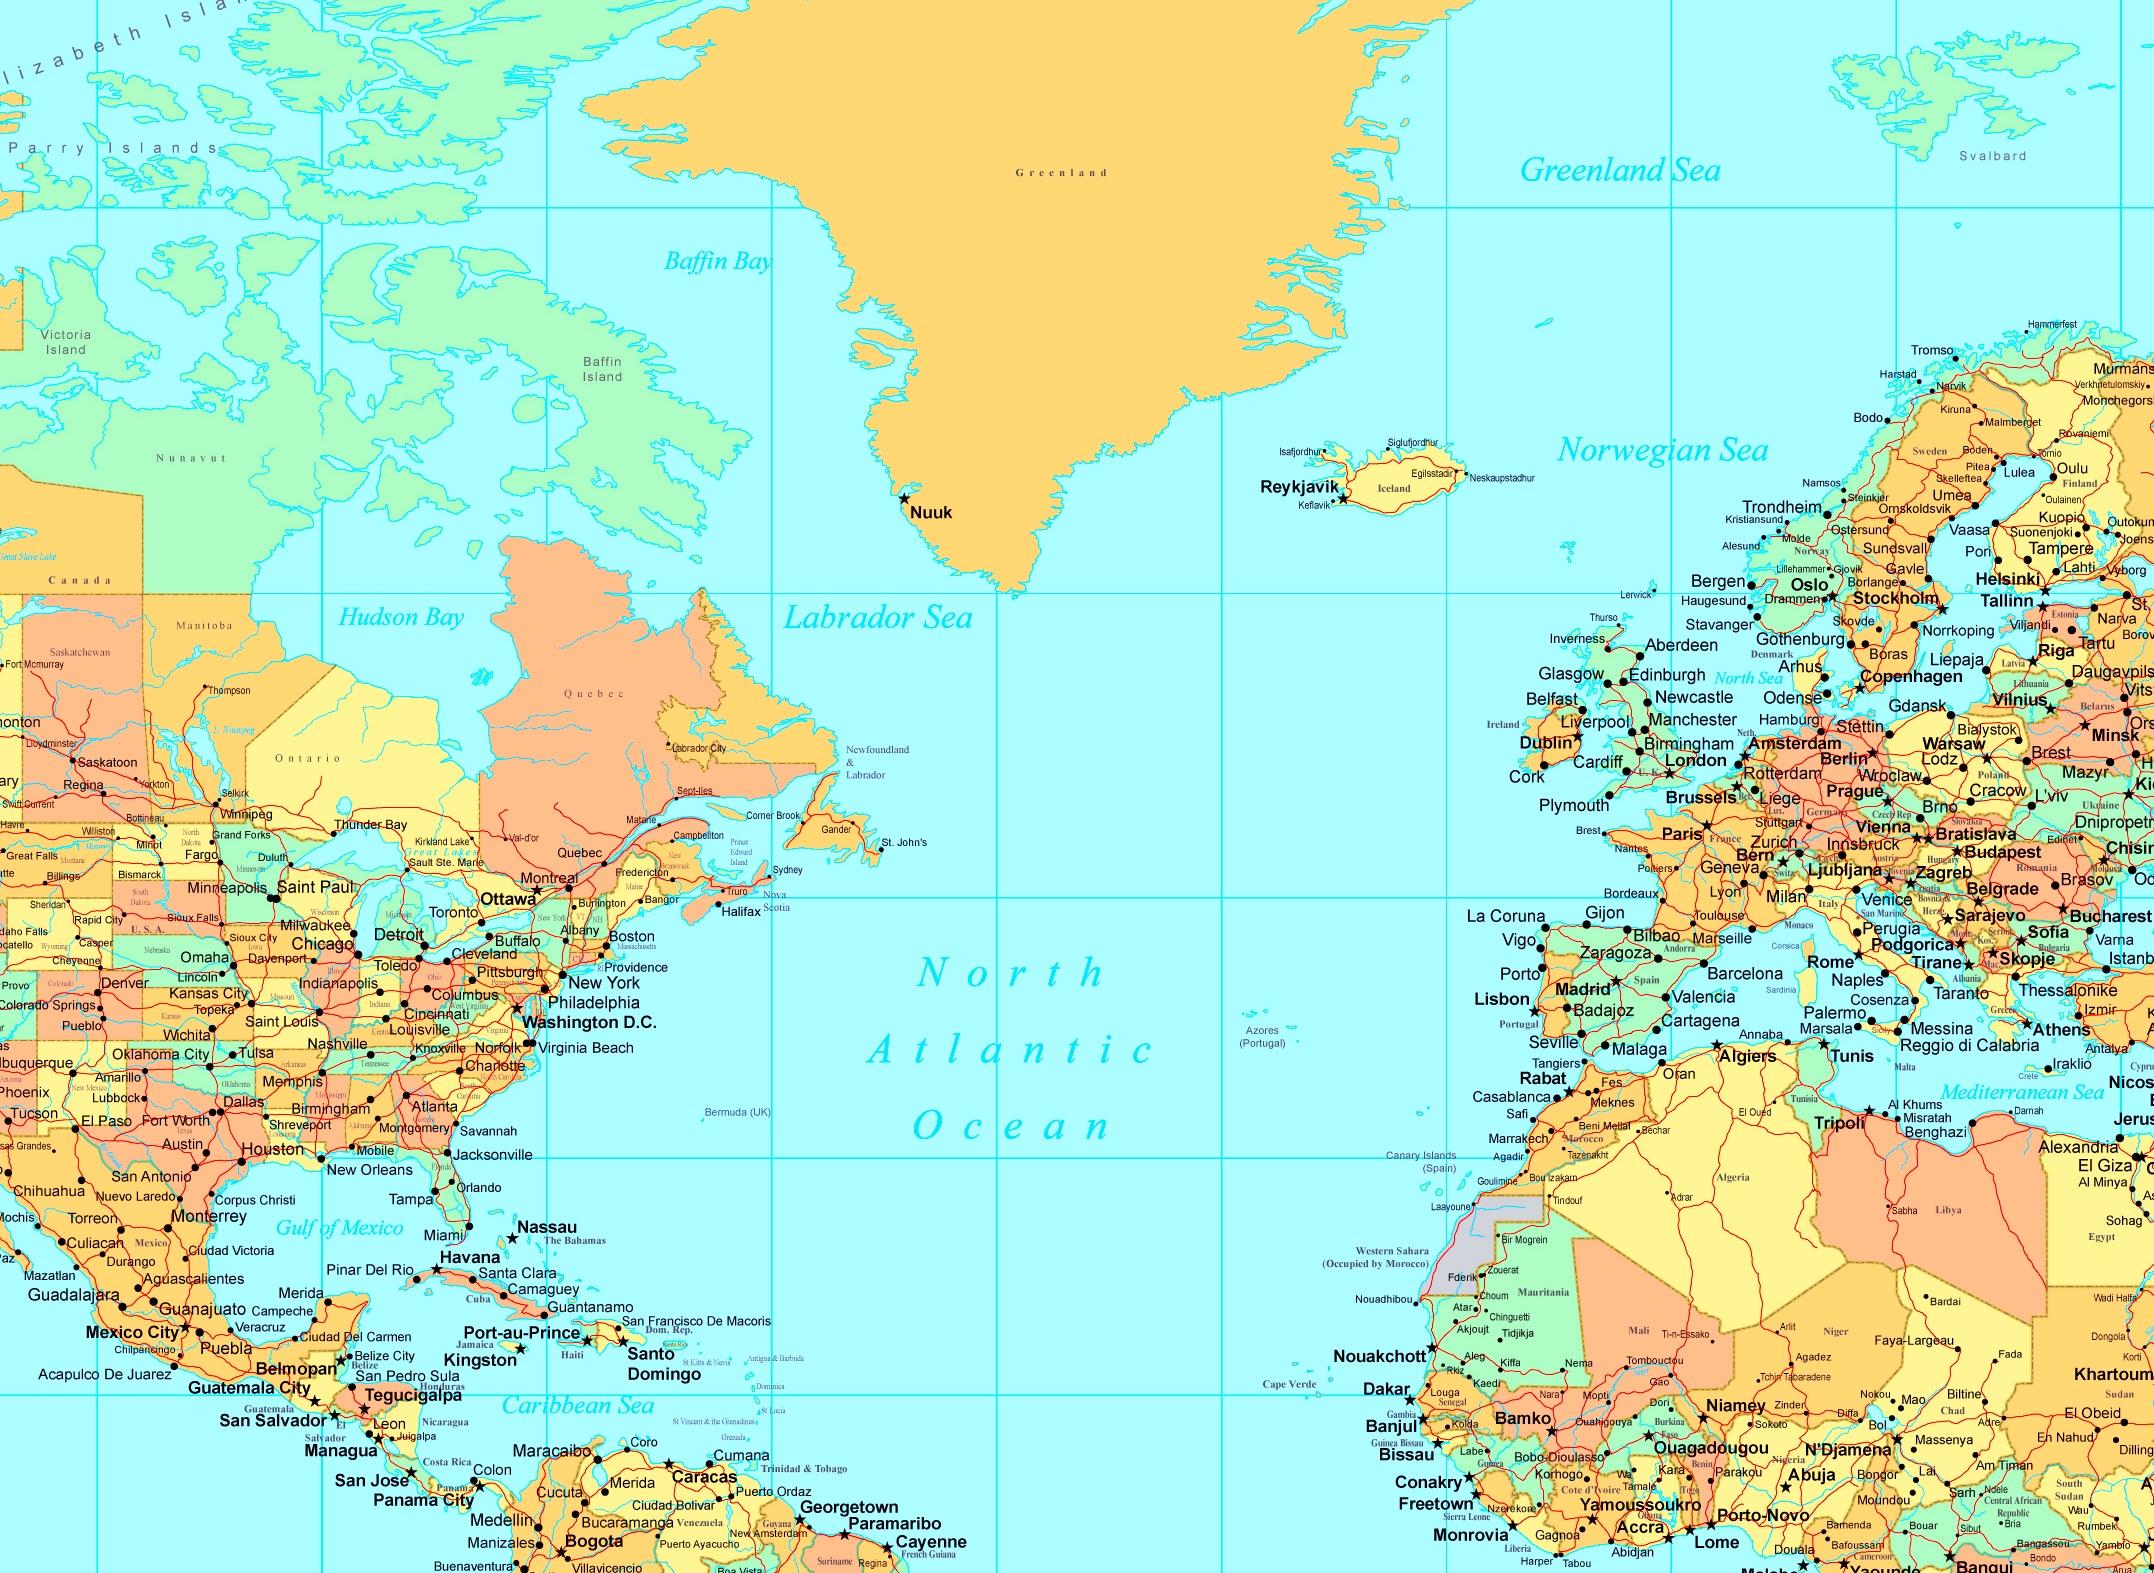 North Atlantic Ocean Map